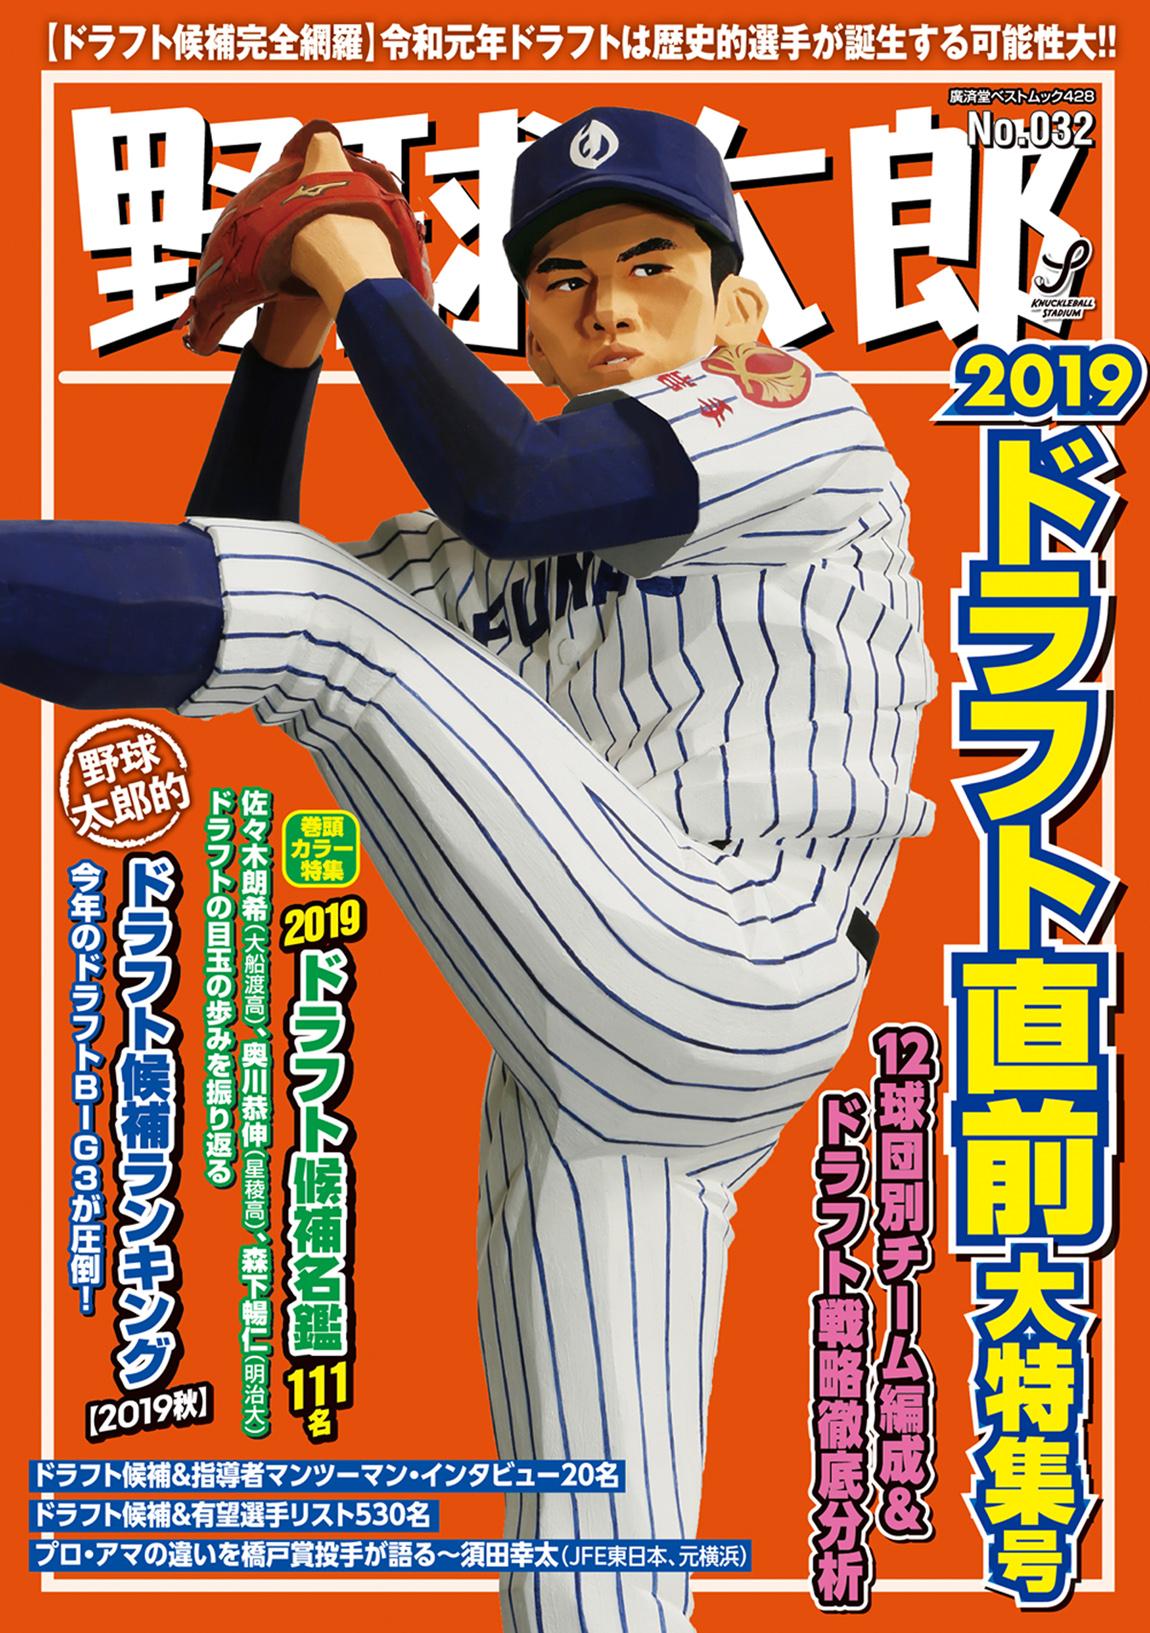 『野球太郎No.032 2019ドラフト直前大特集号』誌面の一部をチラ見せ!